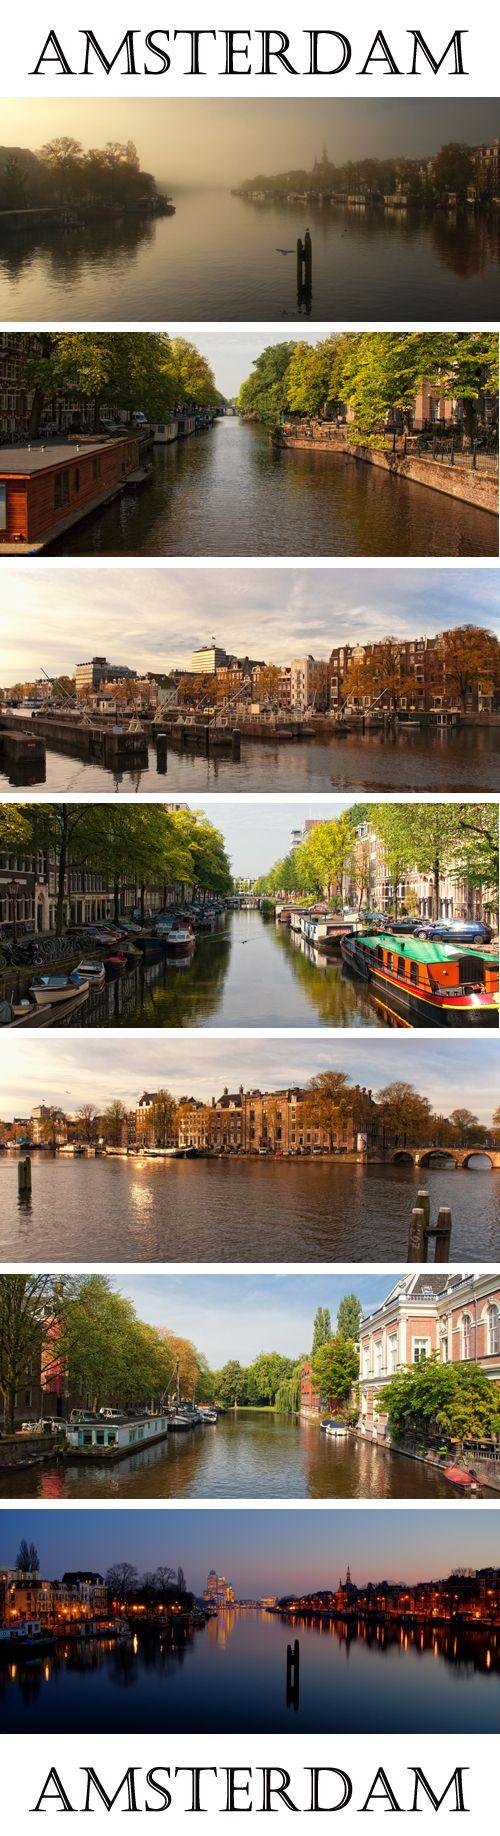 http://damsterdamer.com/ Amsterdam.